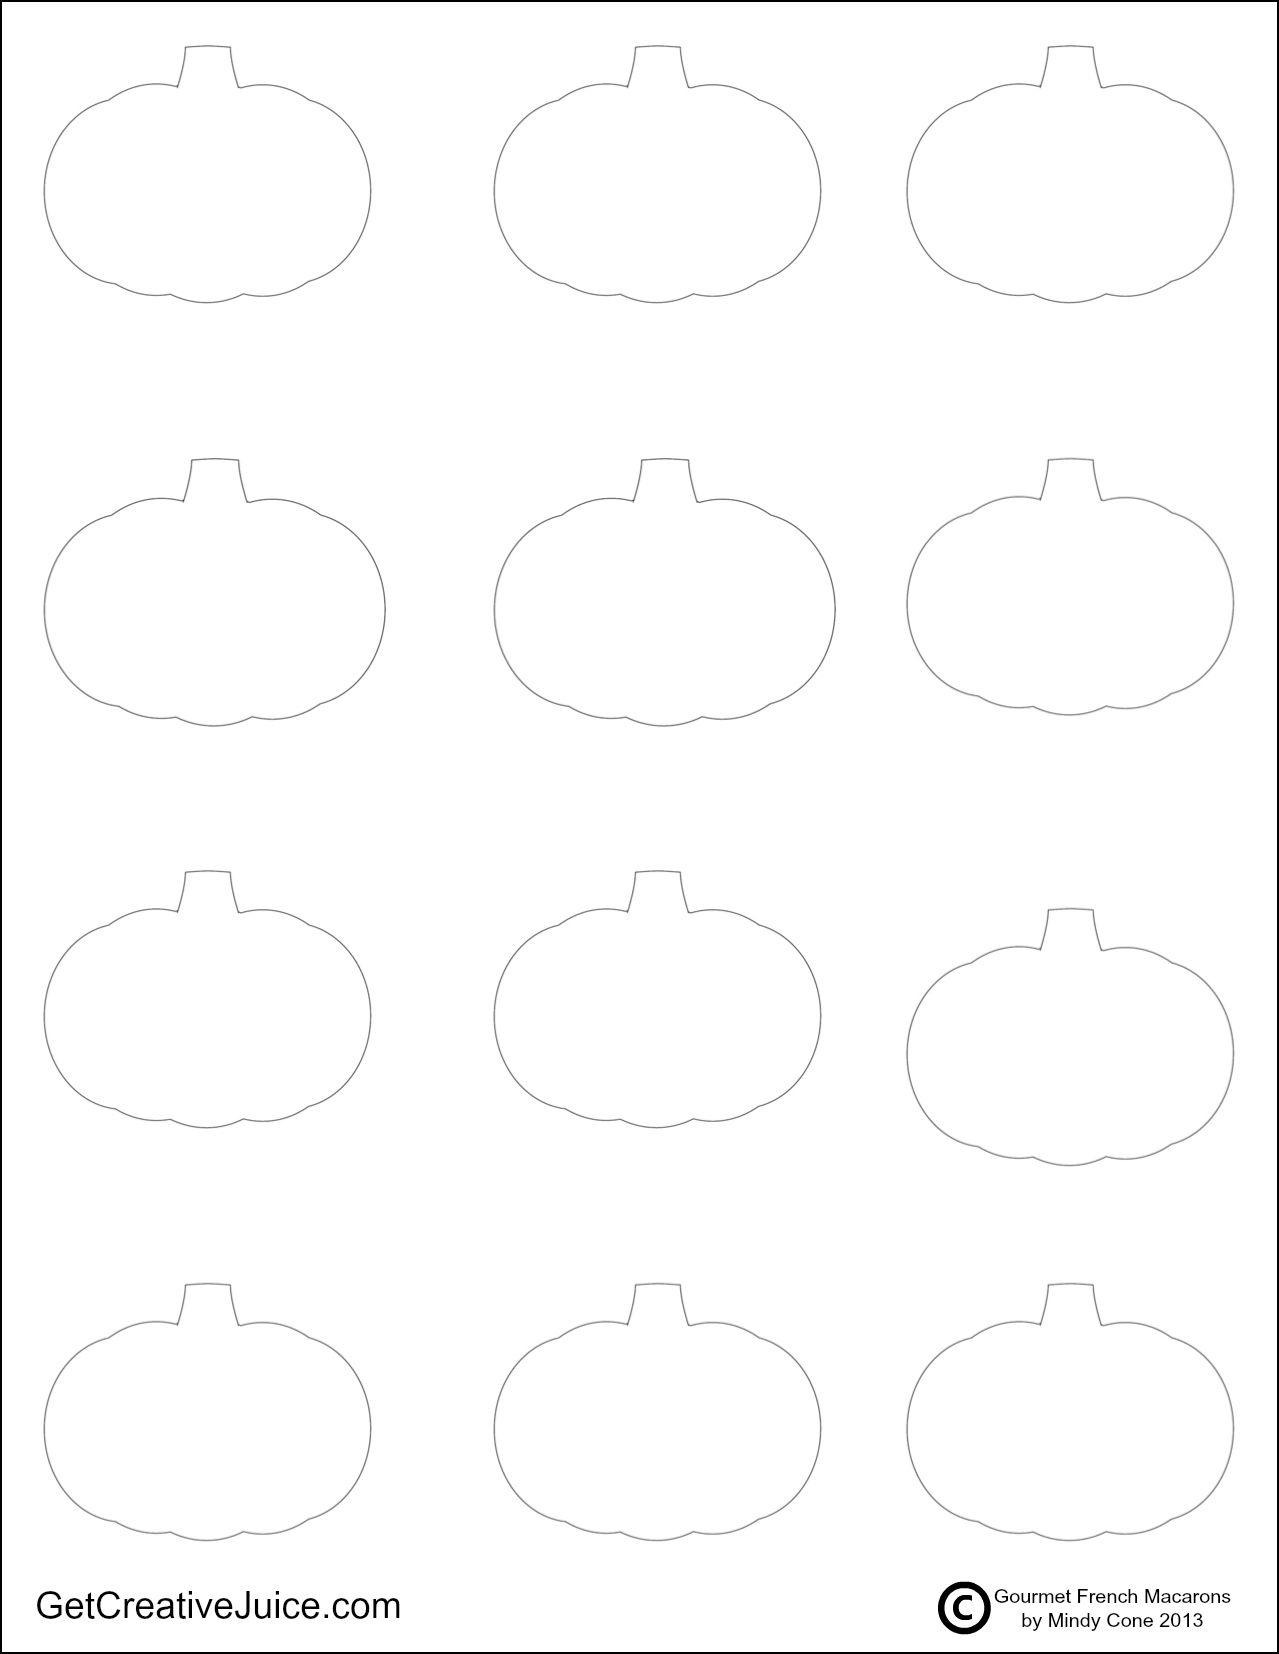 Pumpkin Template | Macarons | Pinterest | Pumpkin template, Macarons ...